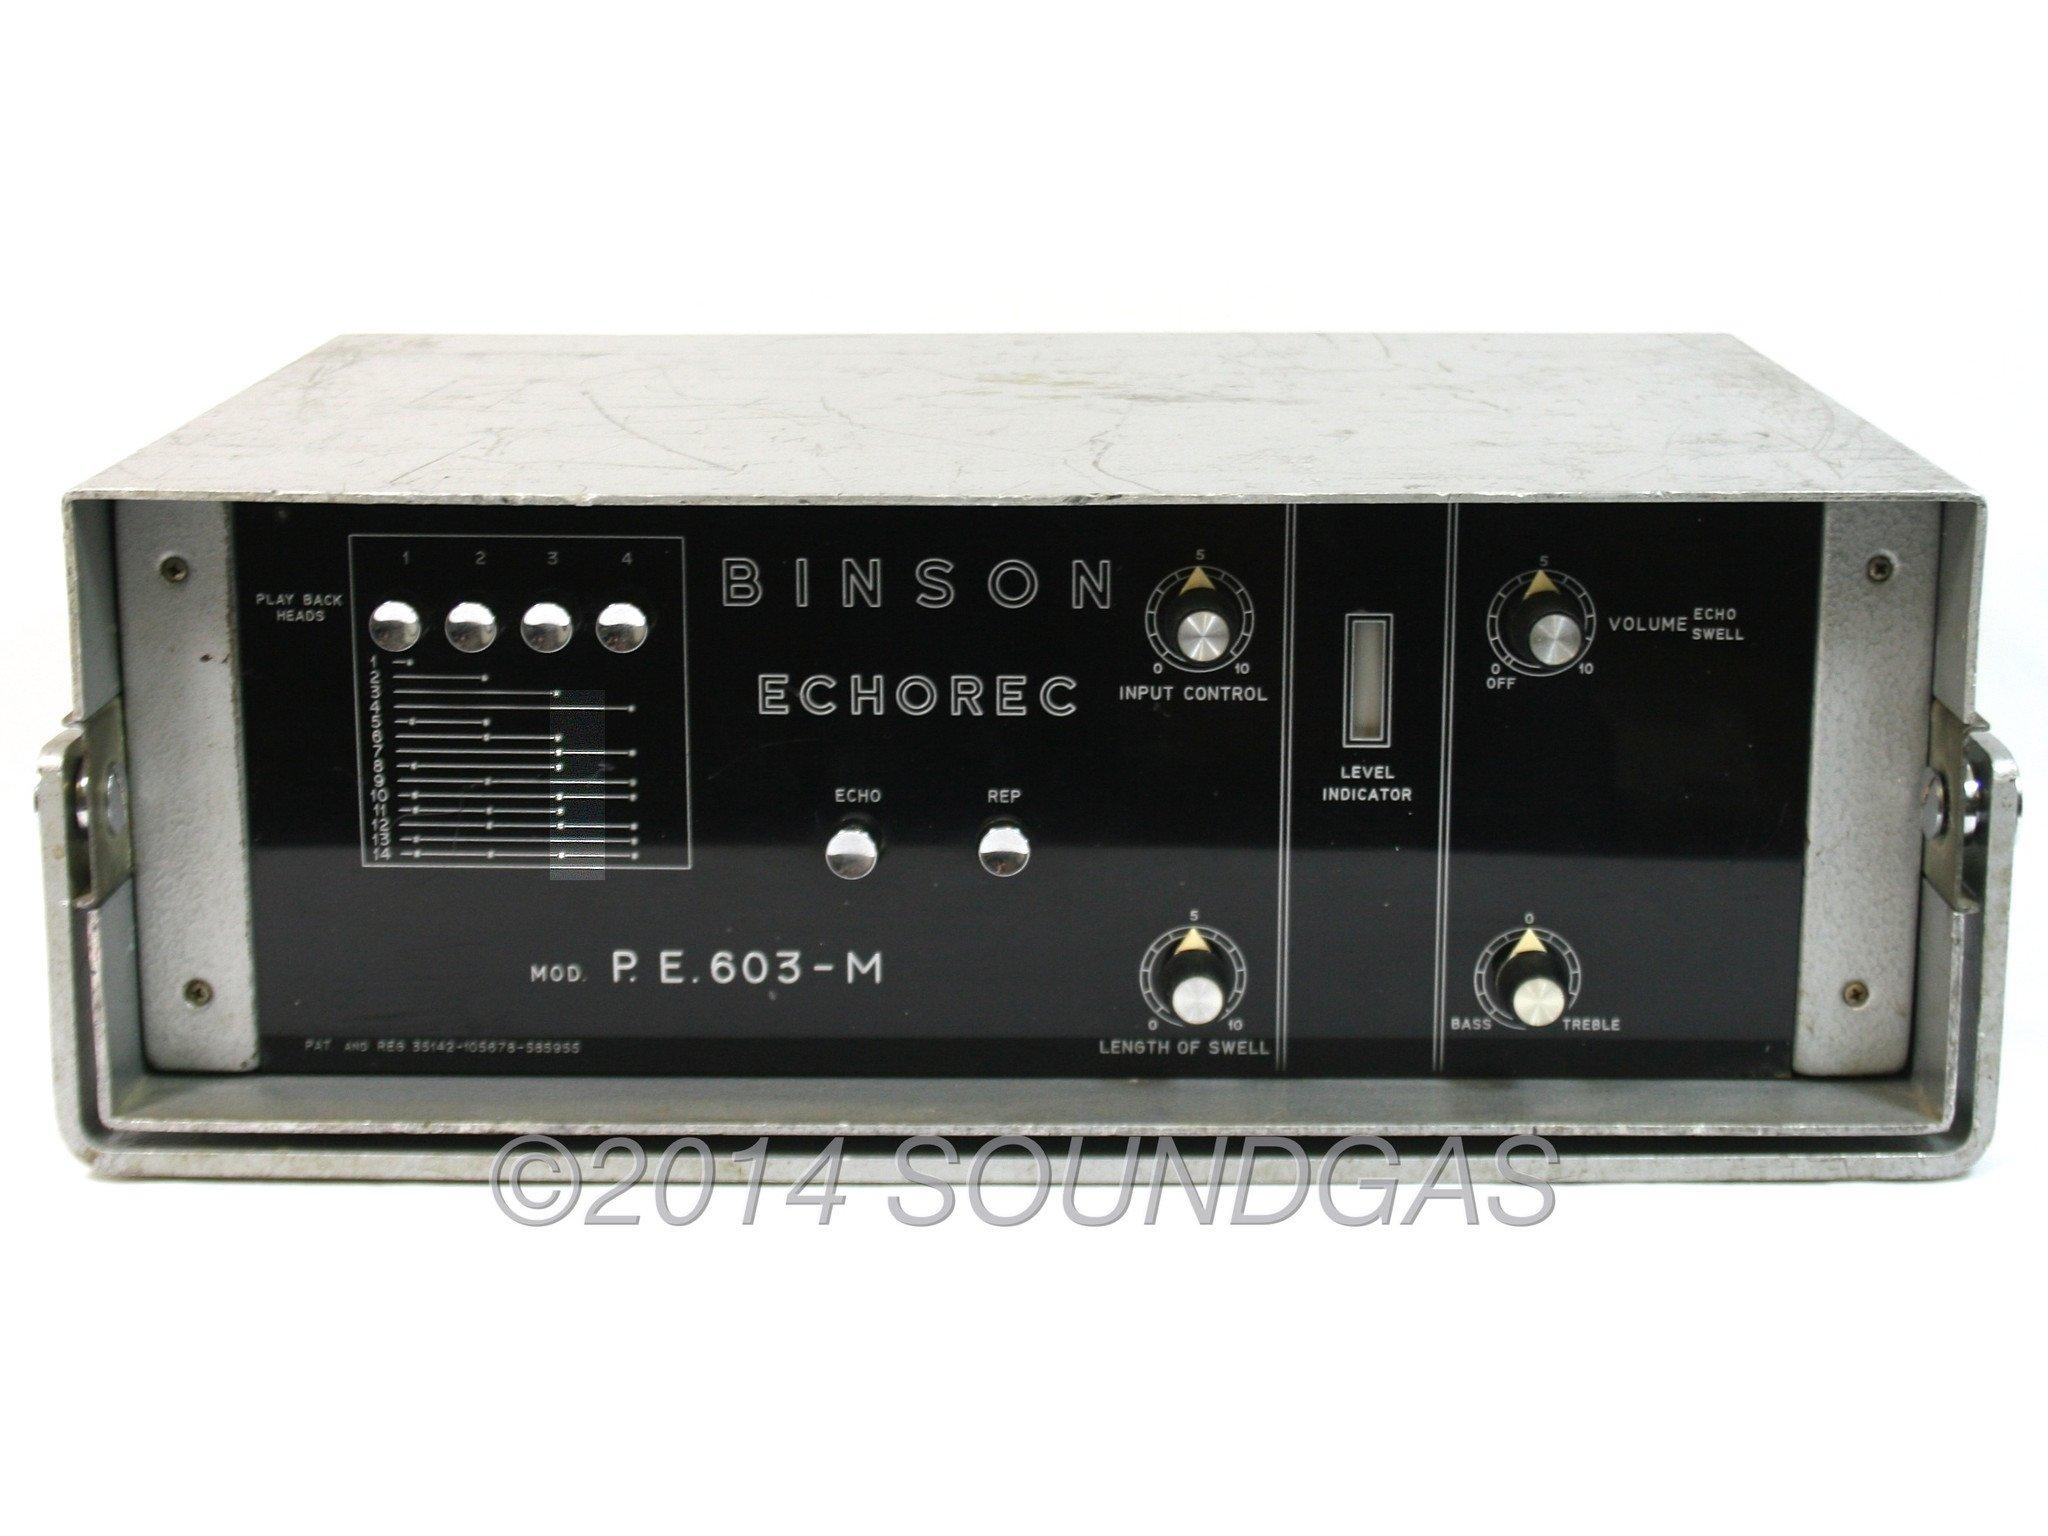 Binson Echorec 603-M disc echo